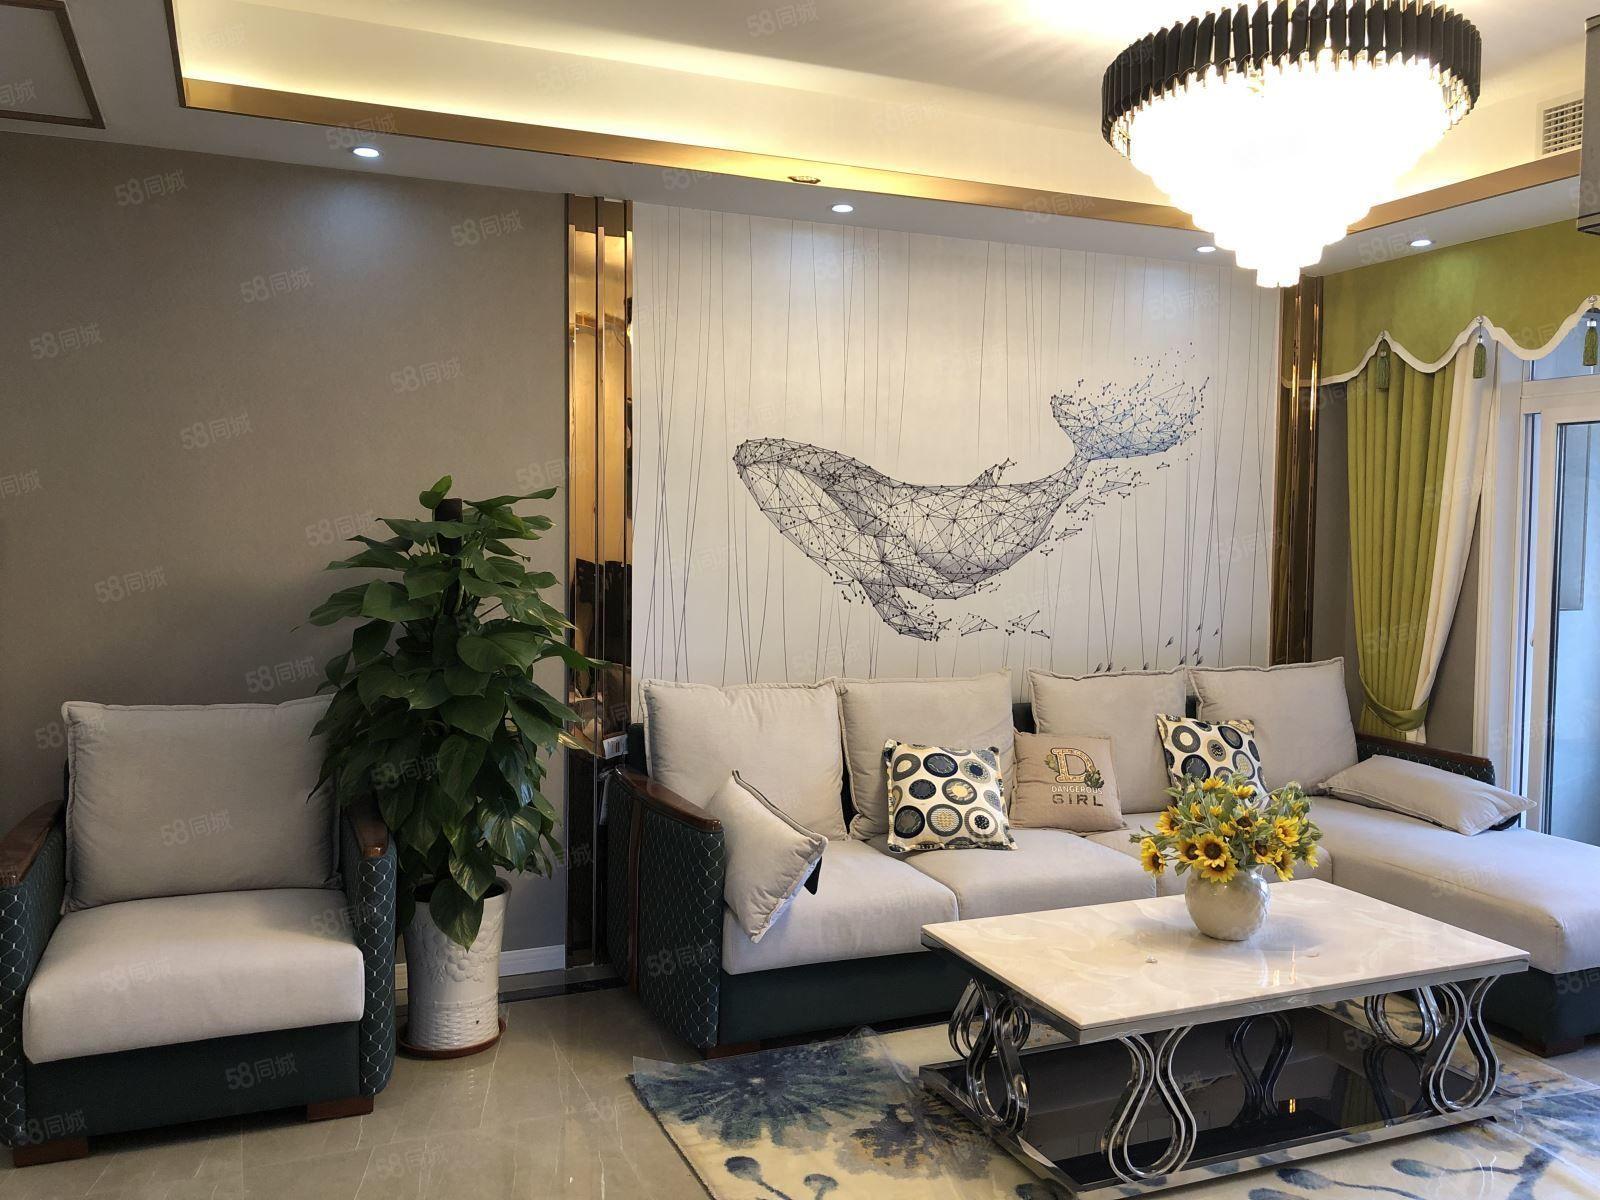 龍城國際北城3室2廳2衛豪華裝修好房不要錯過!